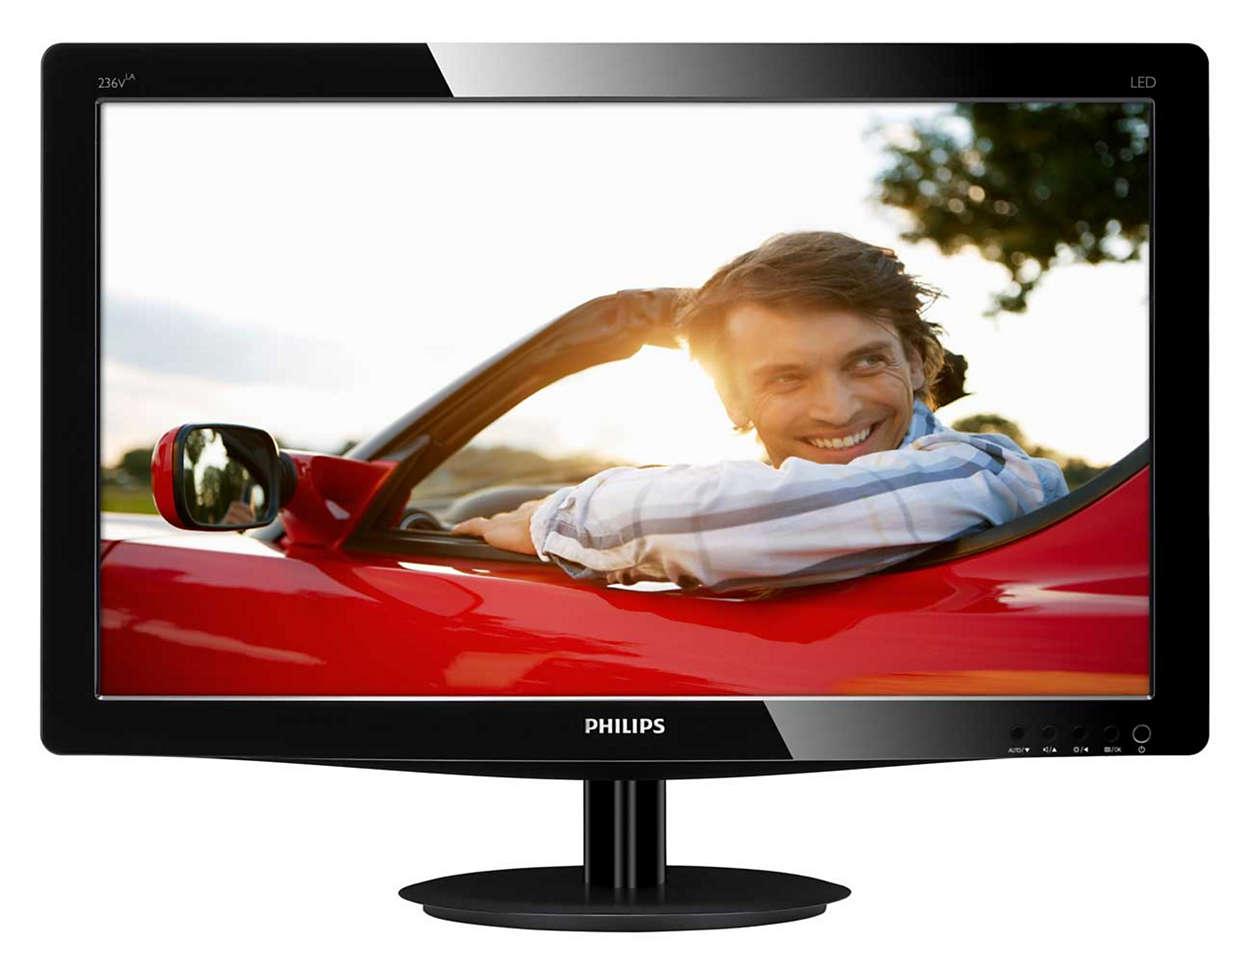 LED-scherm met schitterende beelden in natuurlijke kleuren